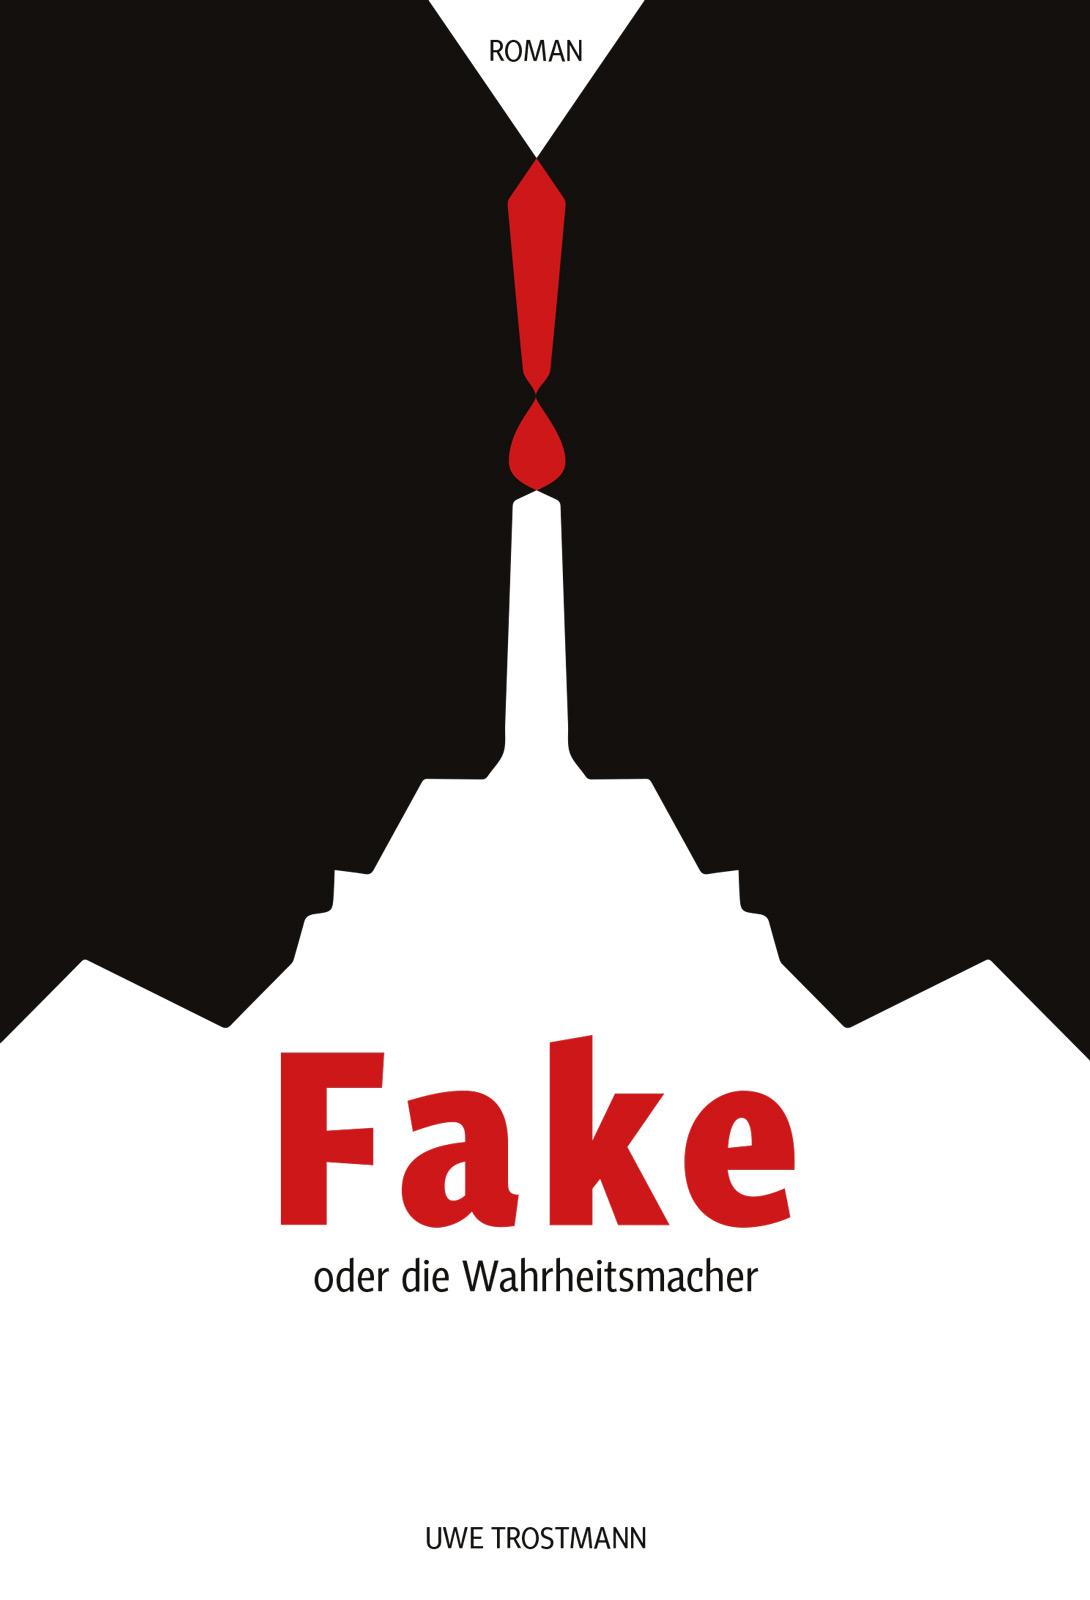 Buchcover_Fake_oderdieWahrheitsmacher_UweTrostmann_Autor